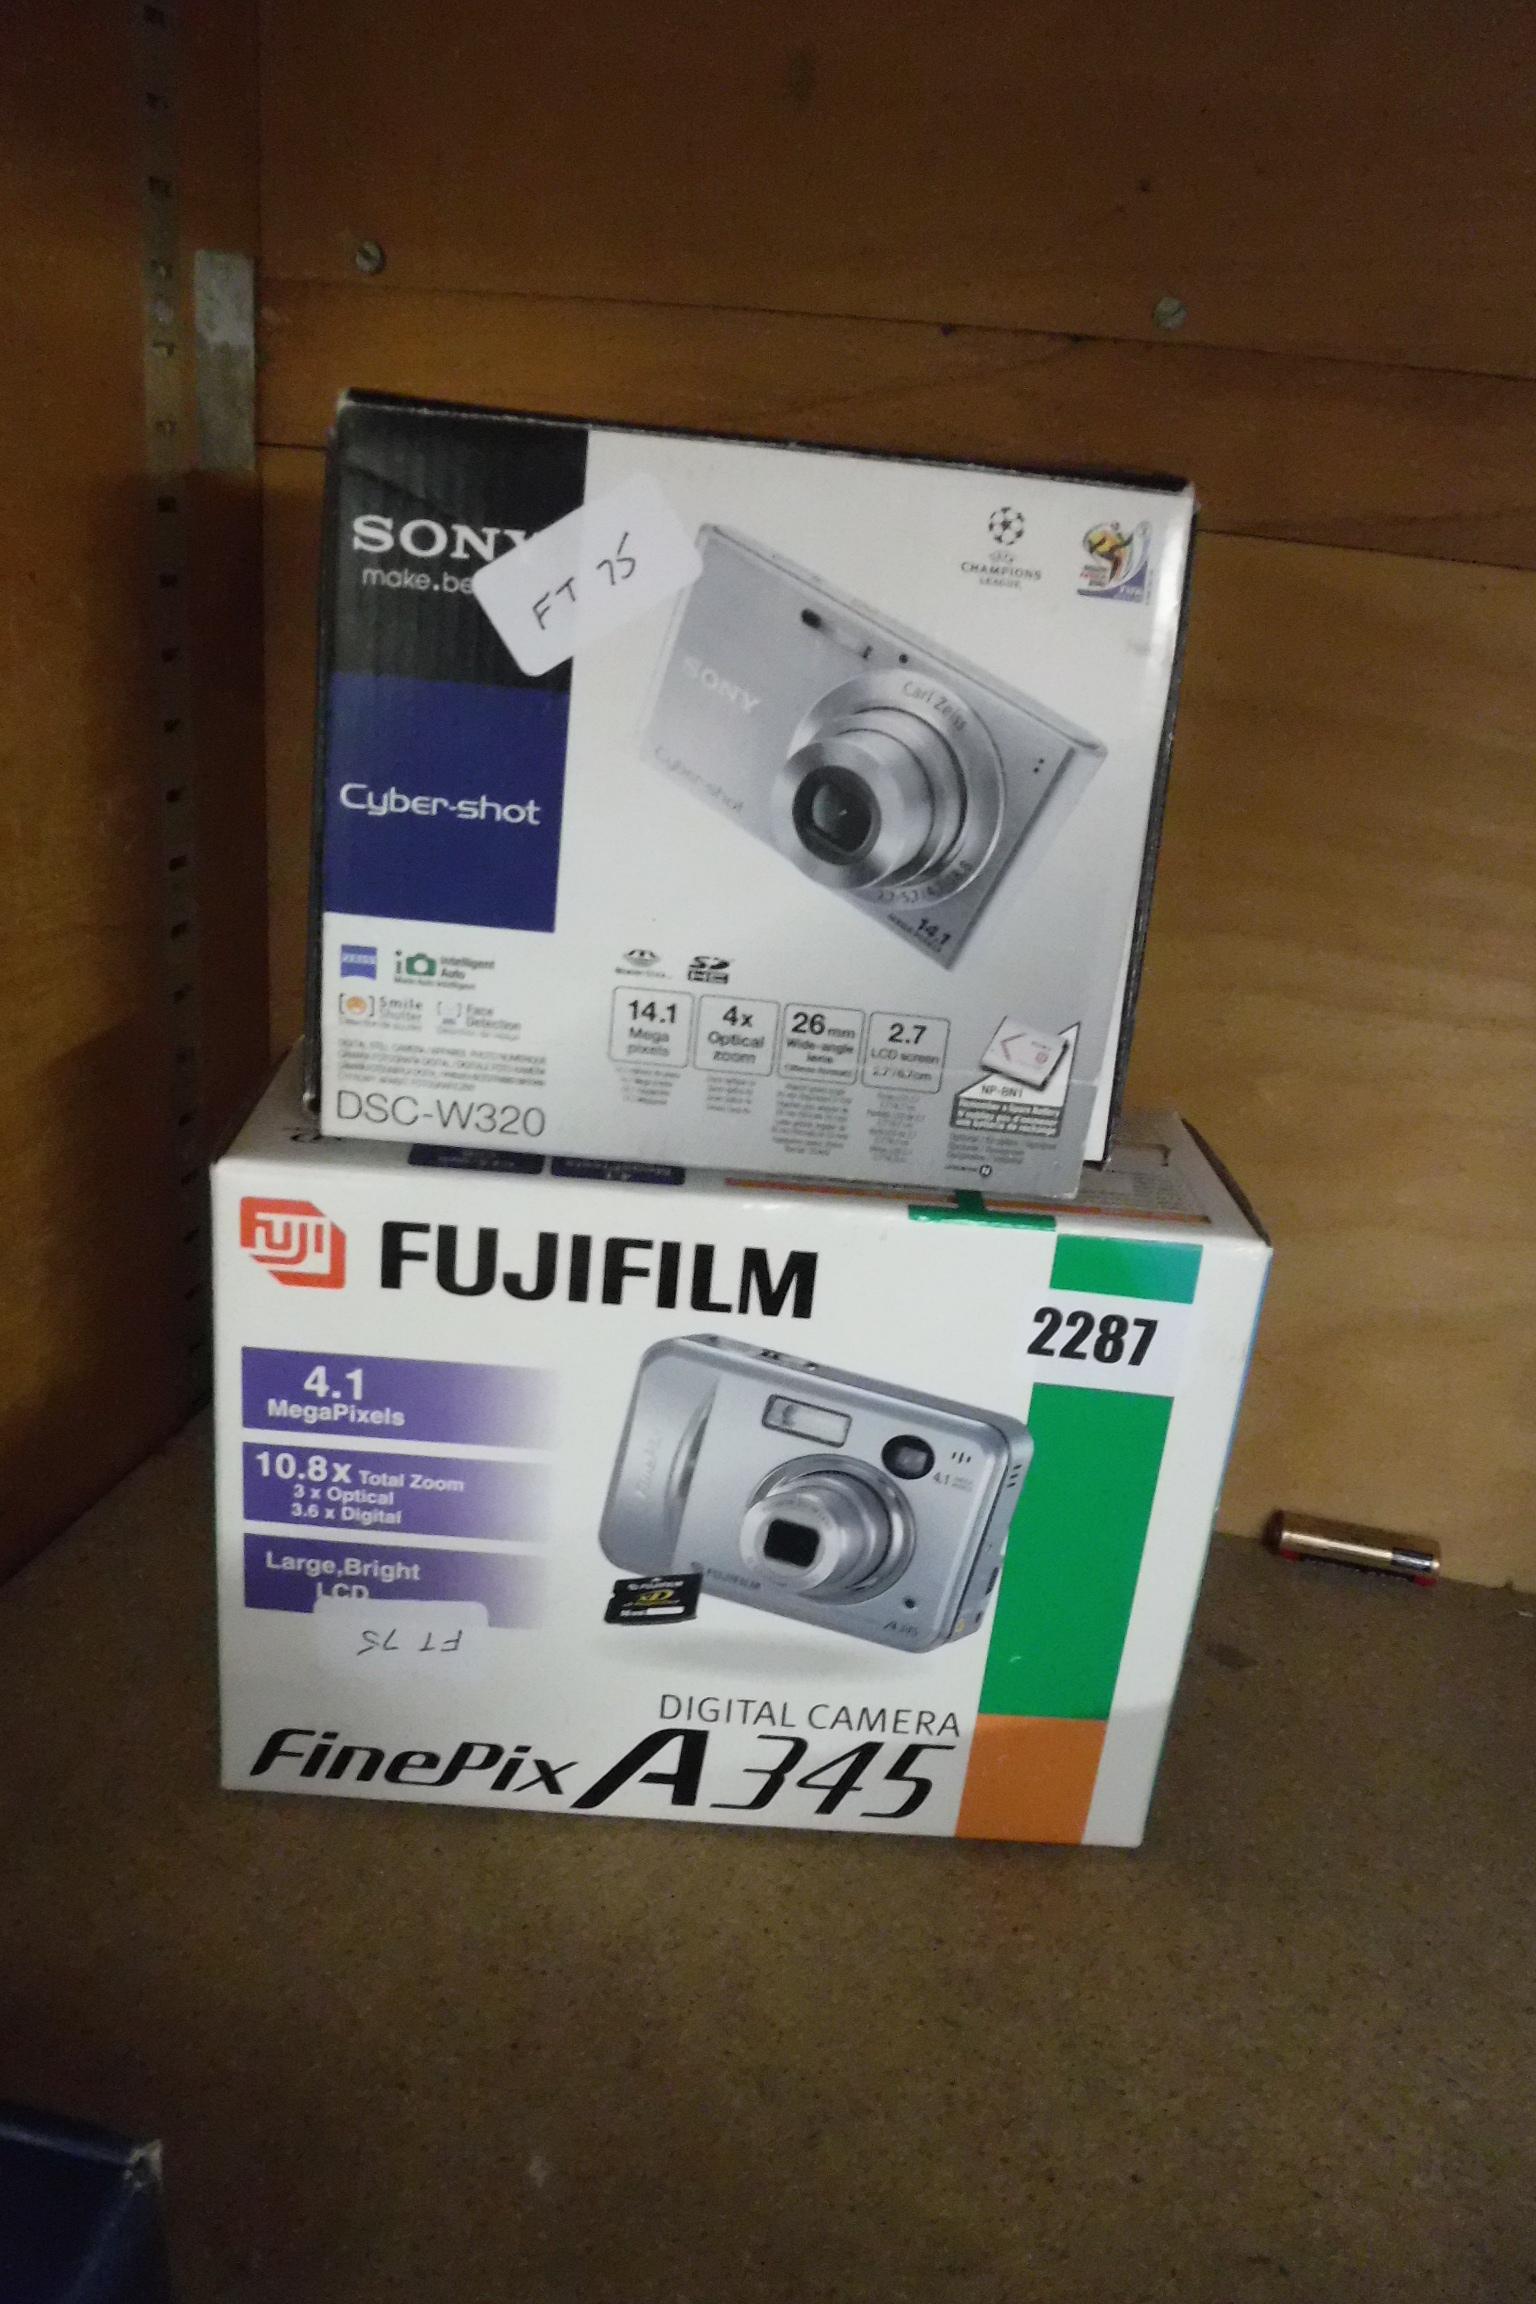 Sony Cybershot and Fuji Film compact camera